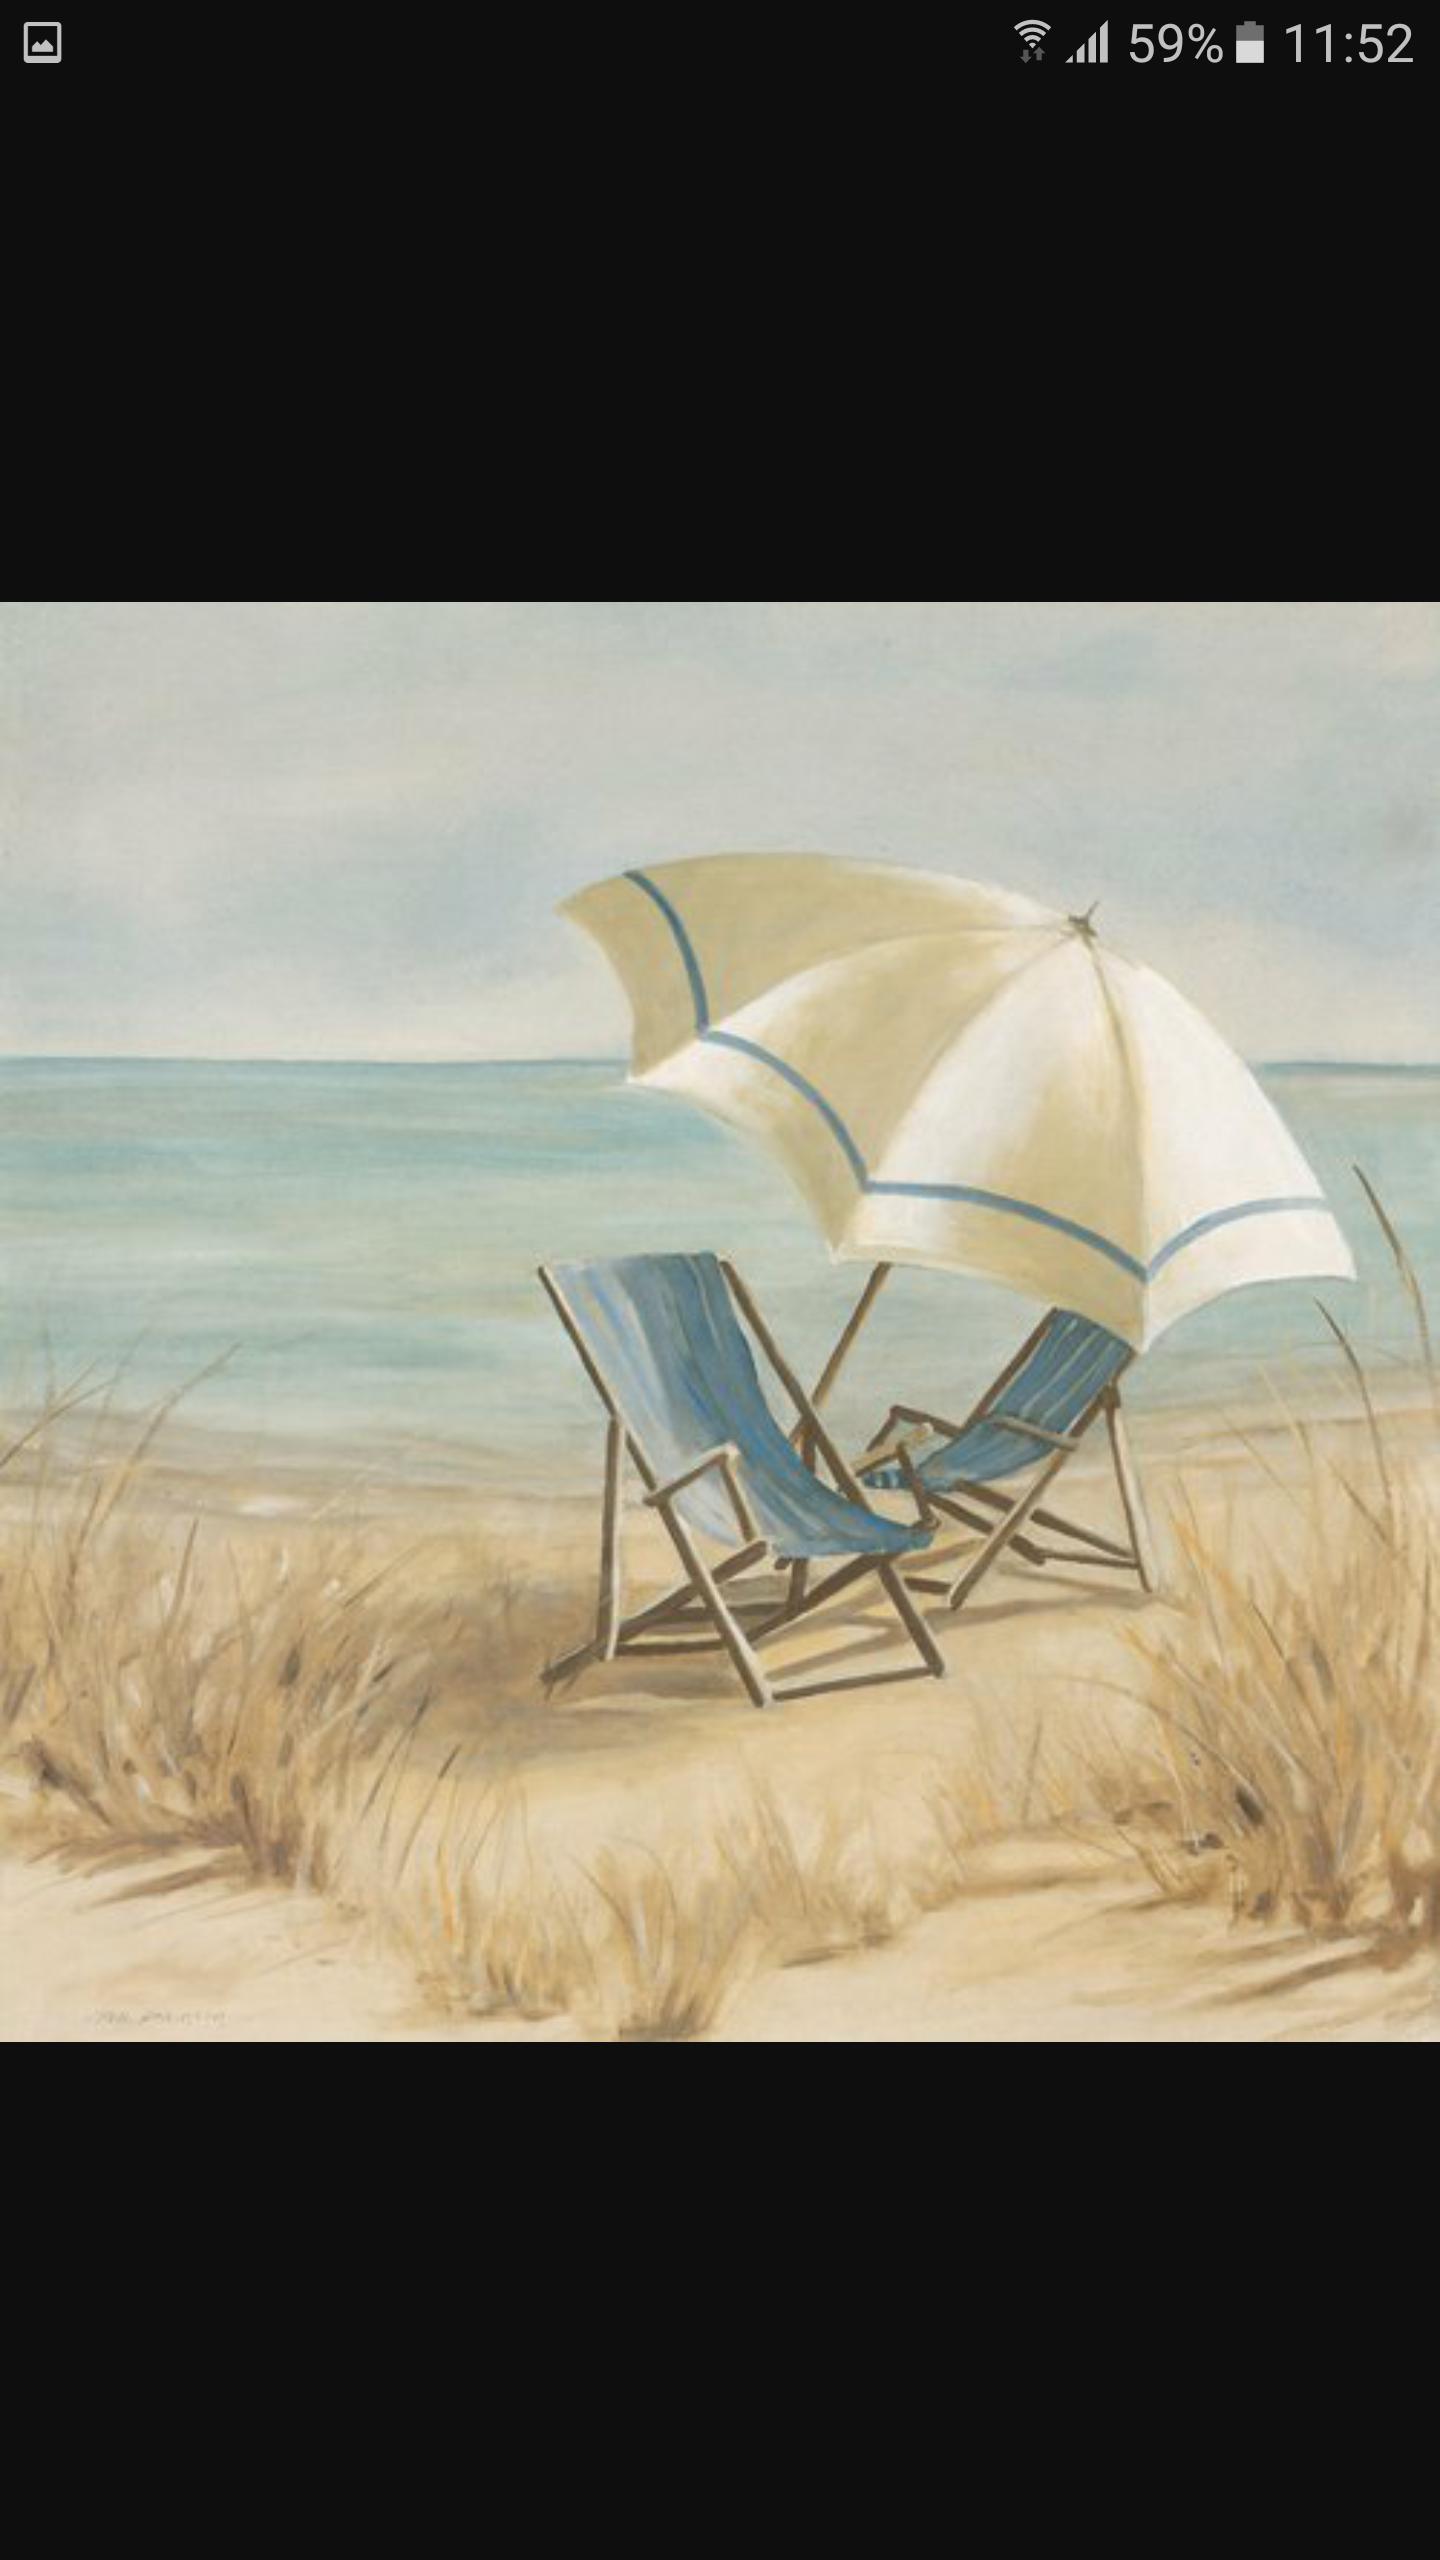 Mit dem Boot zu einsamen Stranden,baden.tauchen,schnorcheln& ein gut gefullter Picnickorb.